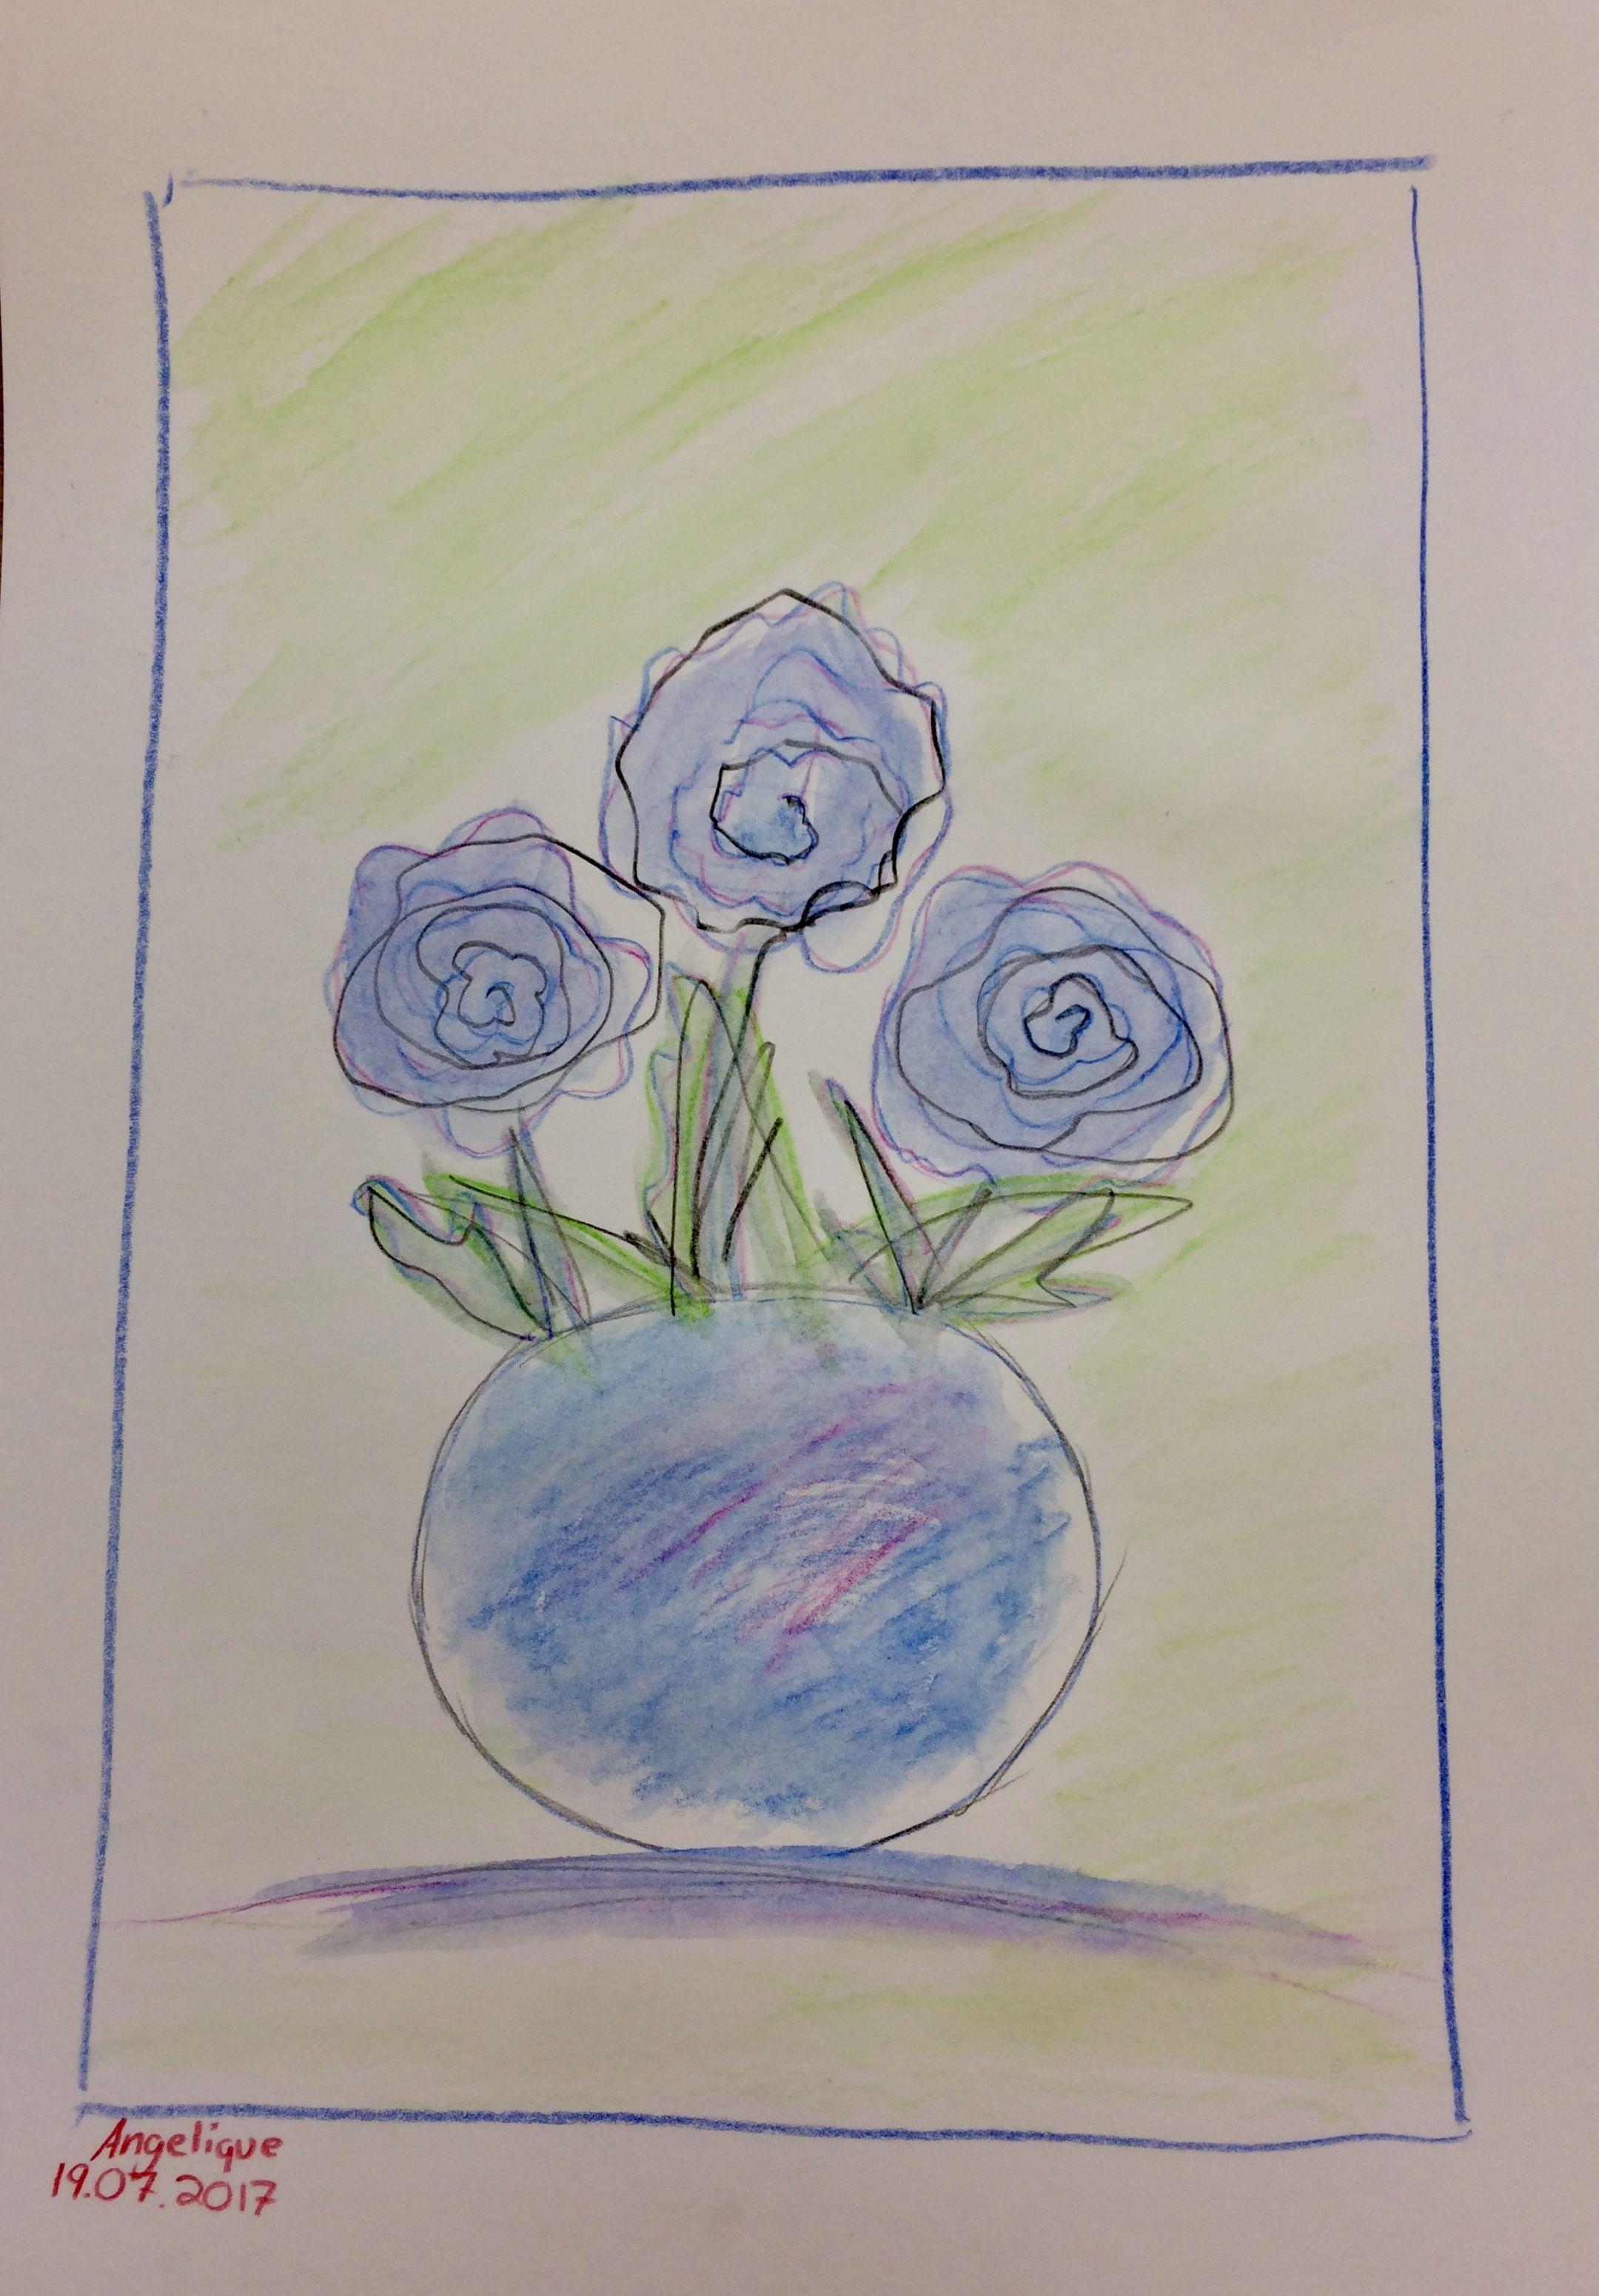 Angelique Blumen Mit Vase Aquarellstifte Teilnehmende